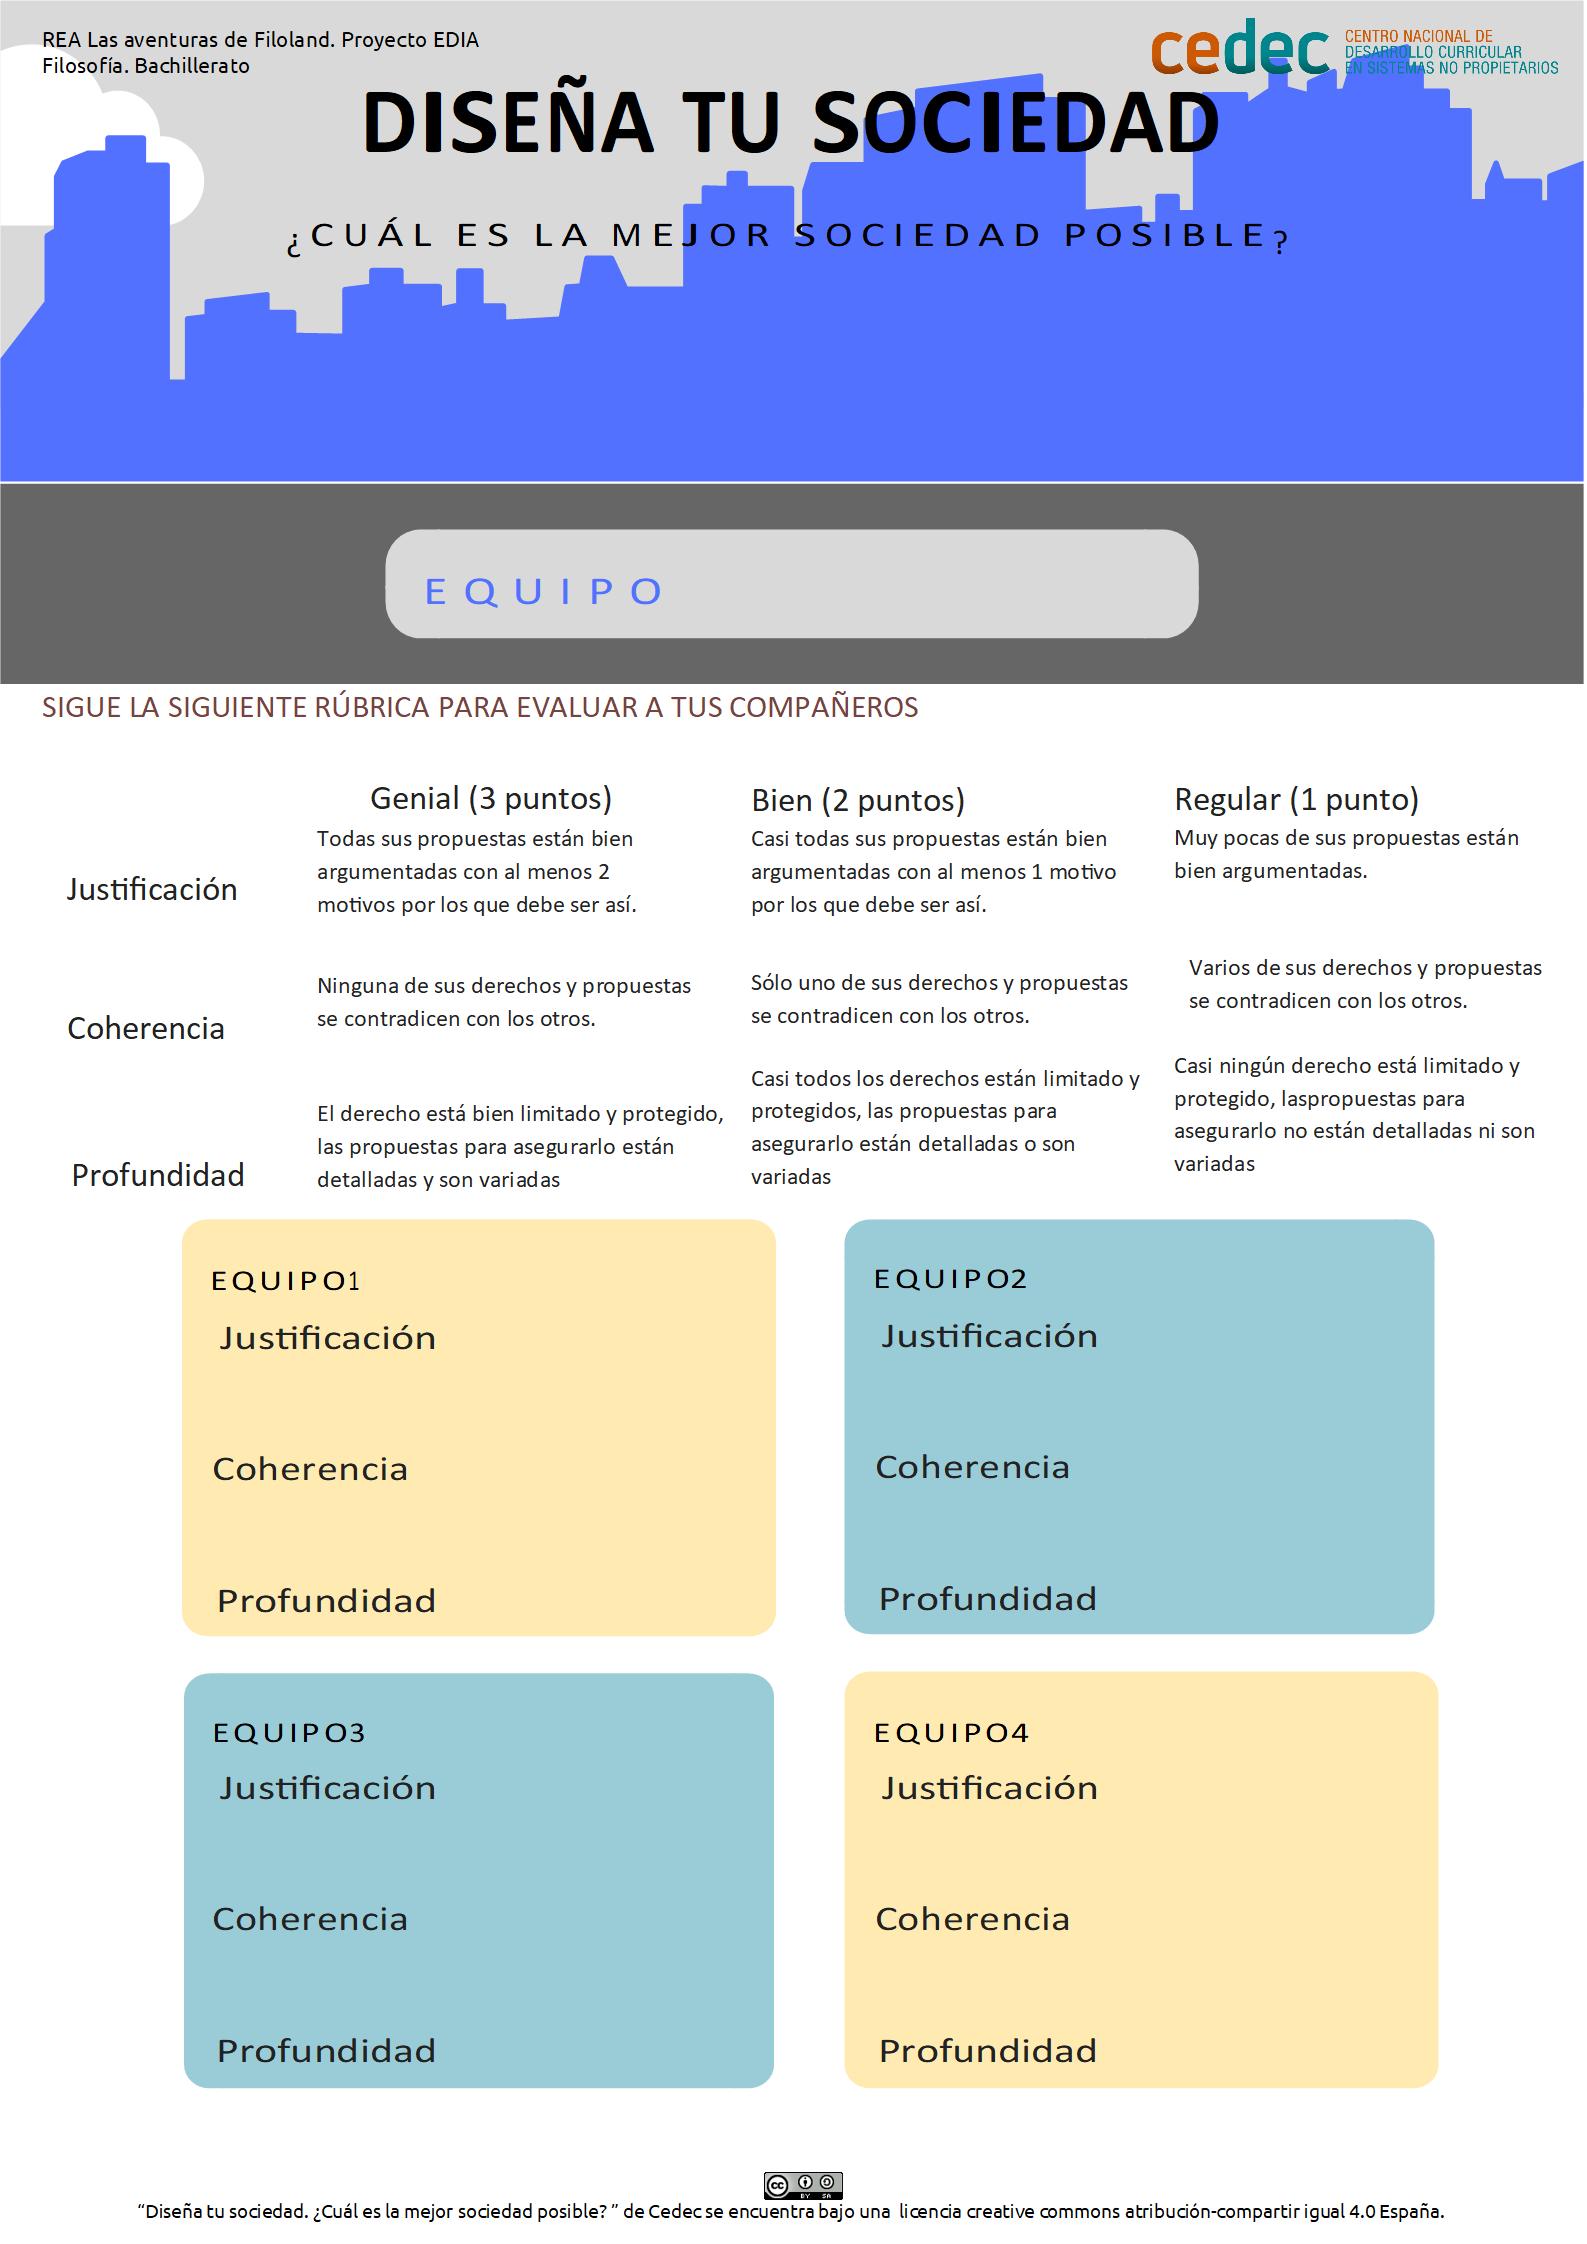 Imagen de la rúbricaPlantilla para evaluar el diseño de sociedades